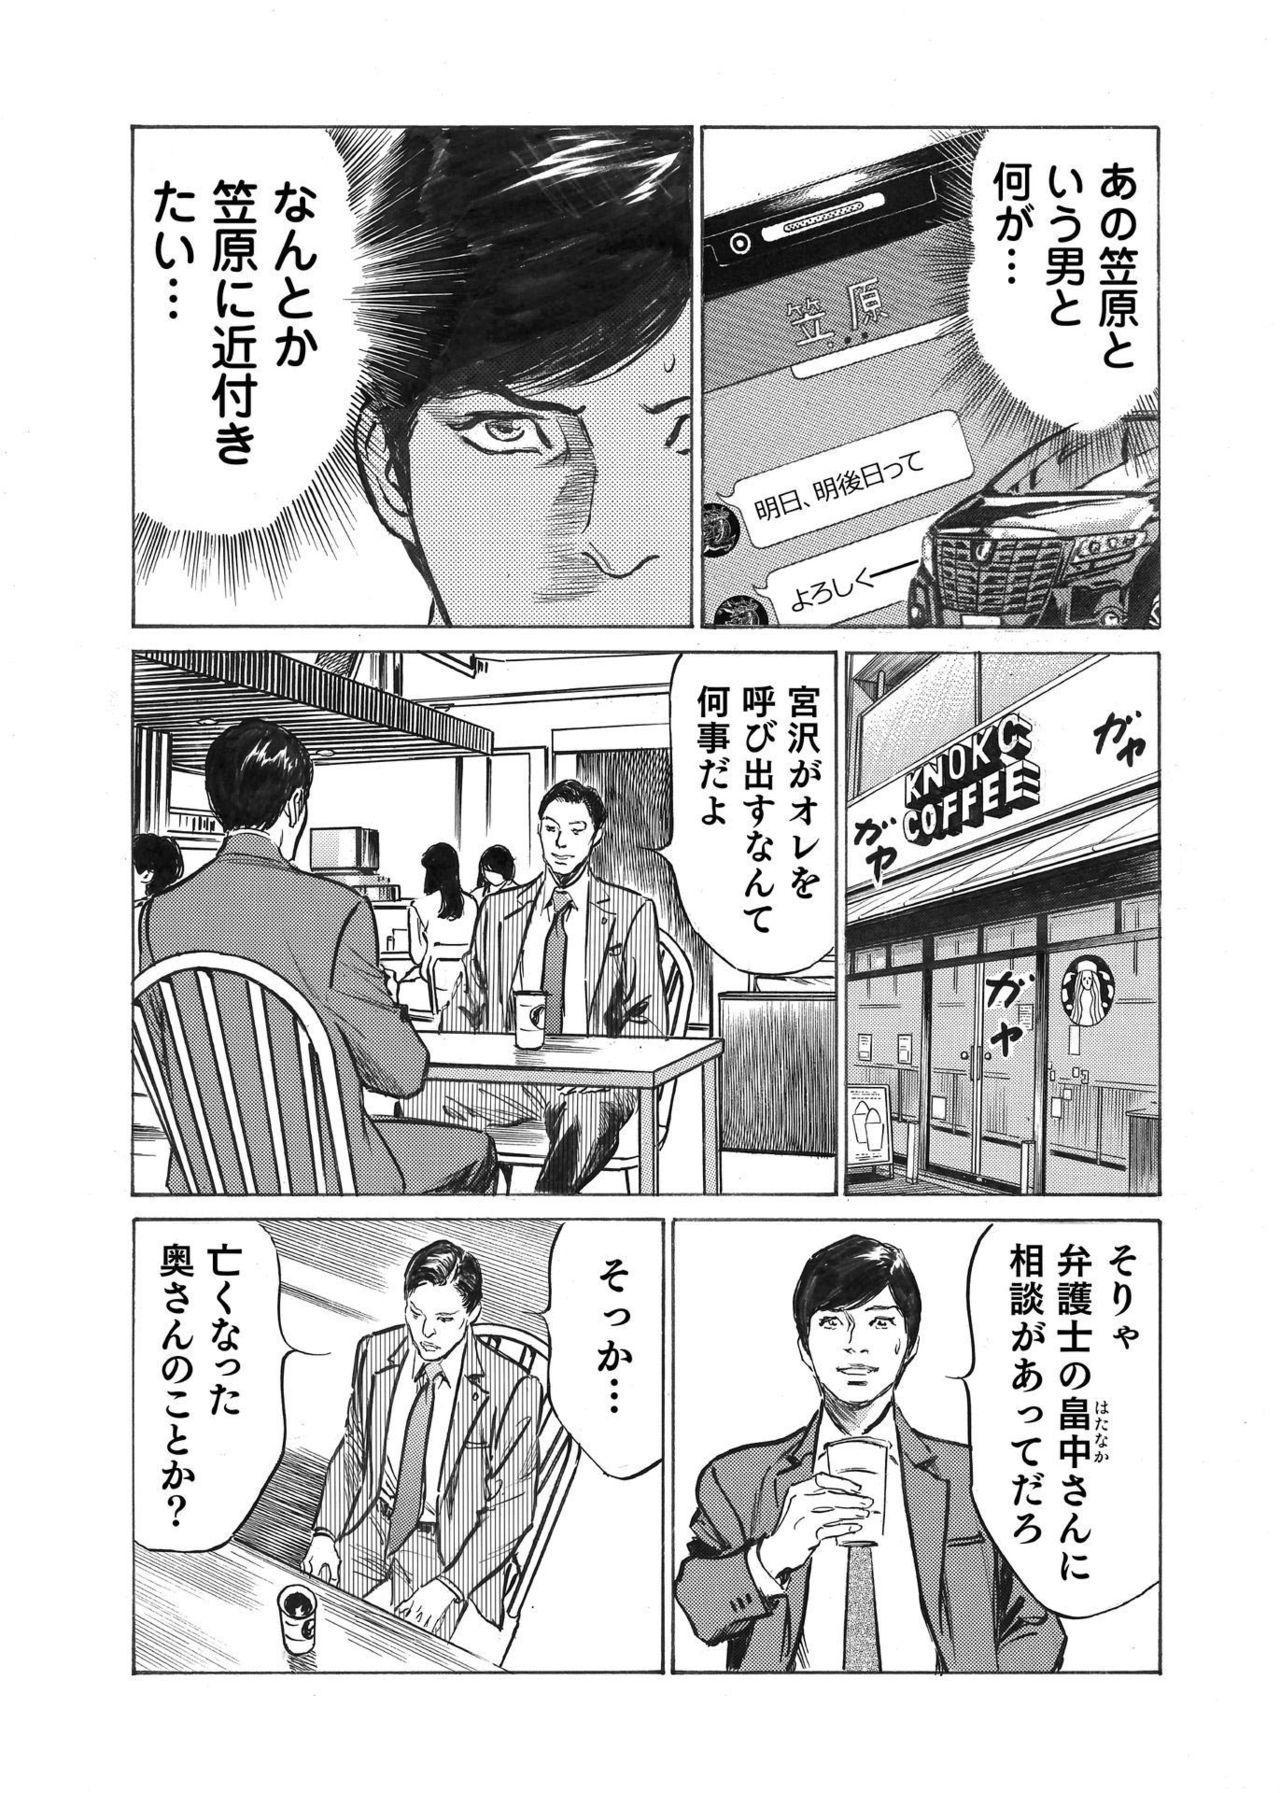 Ore wa Tsuma no Koto o Yoku Shiranai 1-9 124